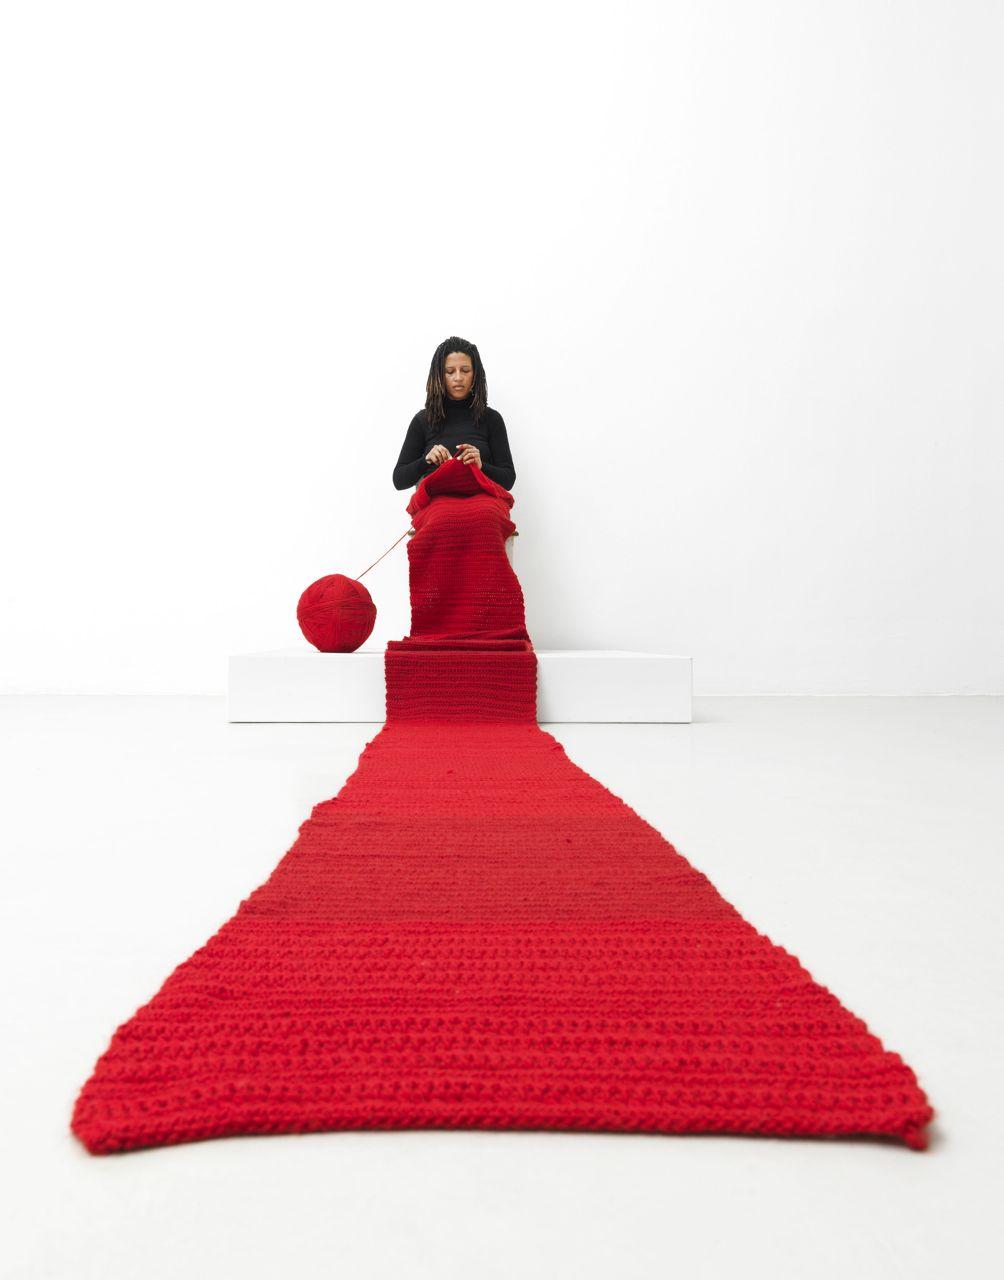 nbk_Lerato_Shadi_Performance.jpg Lerato Shadi, Mosaka wa nako, 2014, Performance im Neuen Berliner Kunstverein, 2014 © Neuer Berliner Kunstverein / Jens Ziehe